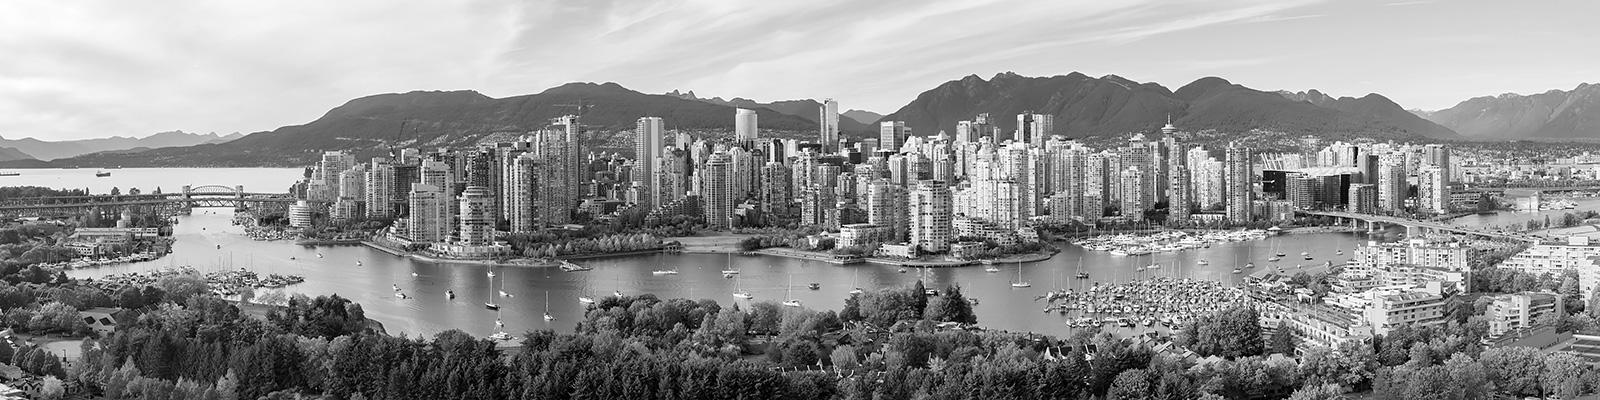 カナダ バンクーバー 都市 イメージ